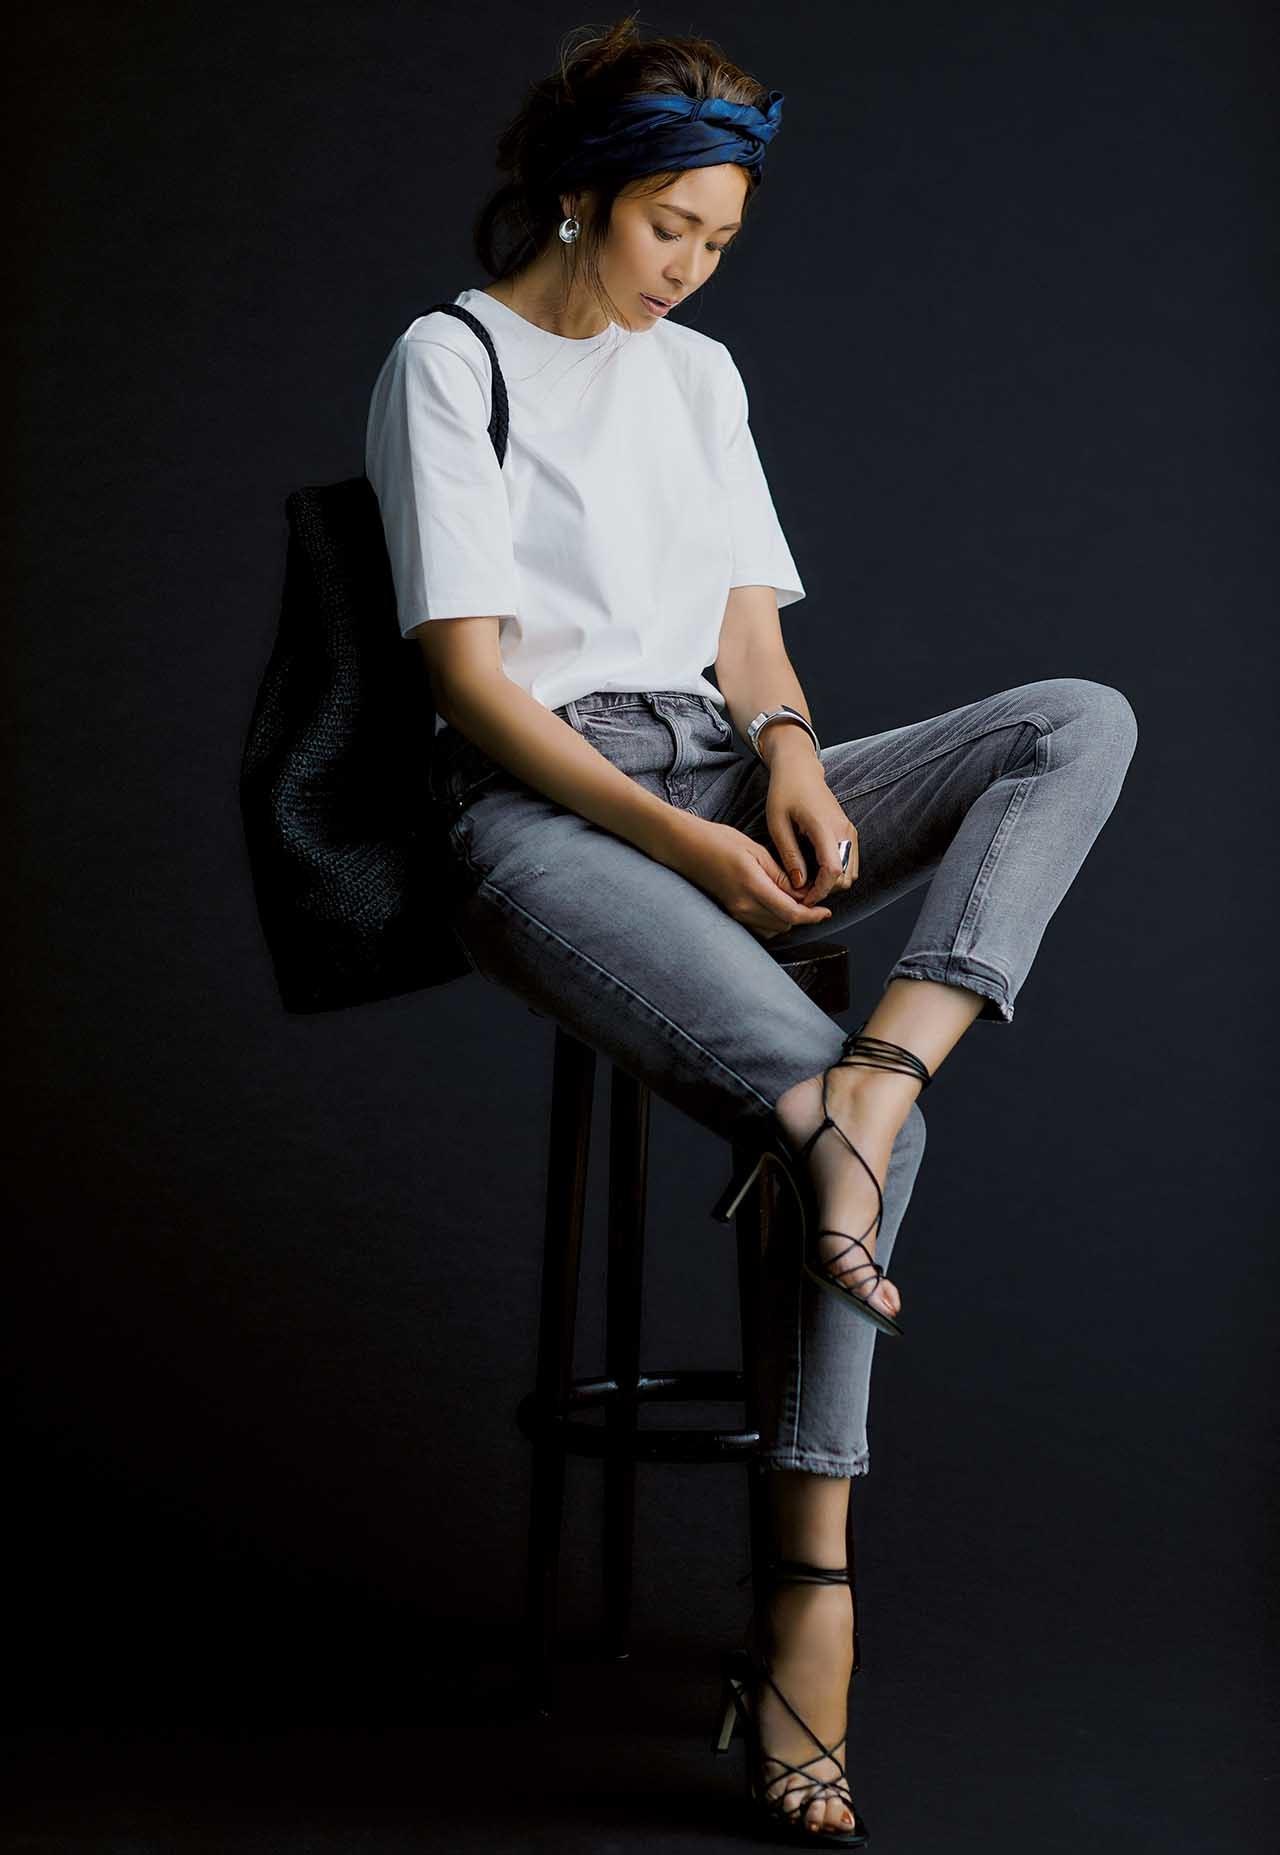 ATONの白Tシャツ×色落ちブラックデニムを着たモデルのSHIHOさん